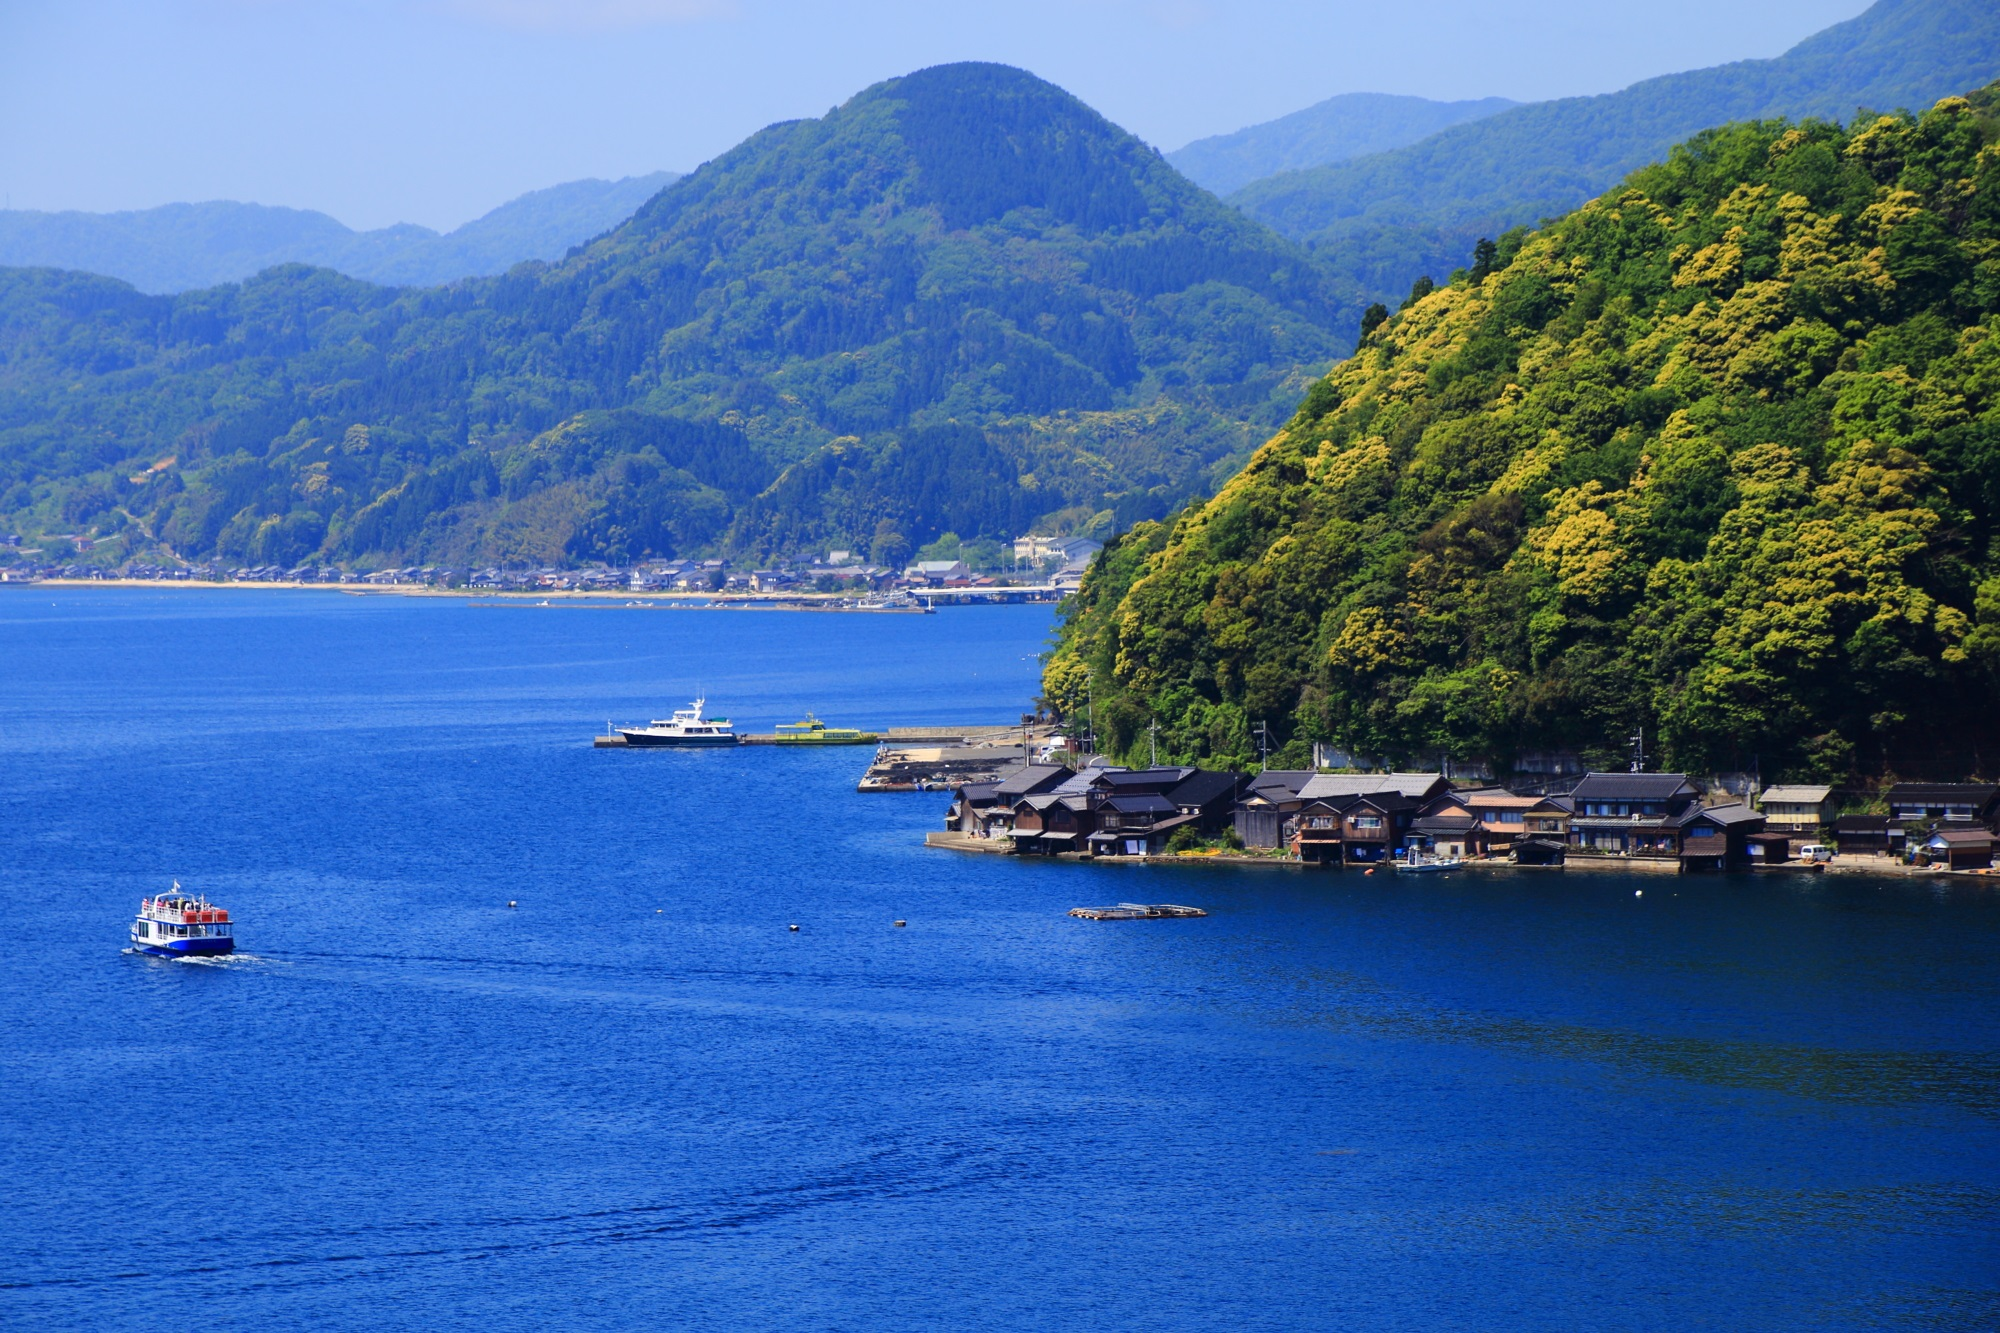 伊根湾を行き来する遊覧船や漁船